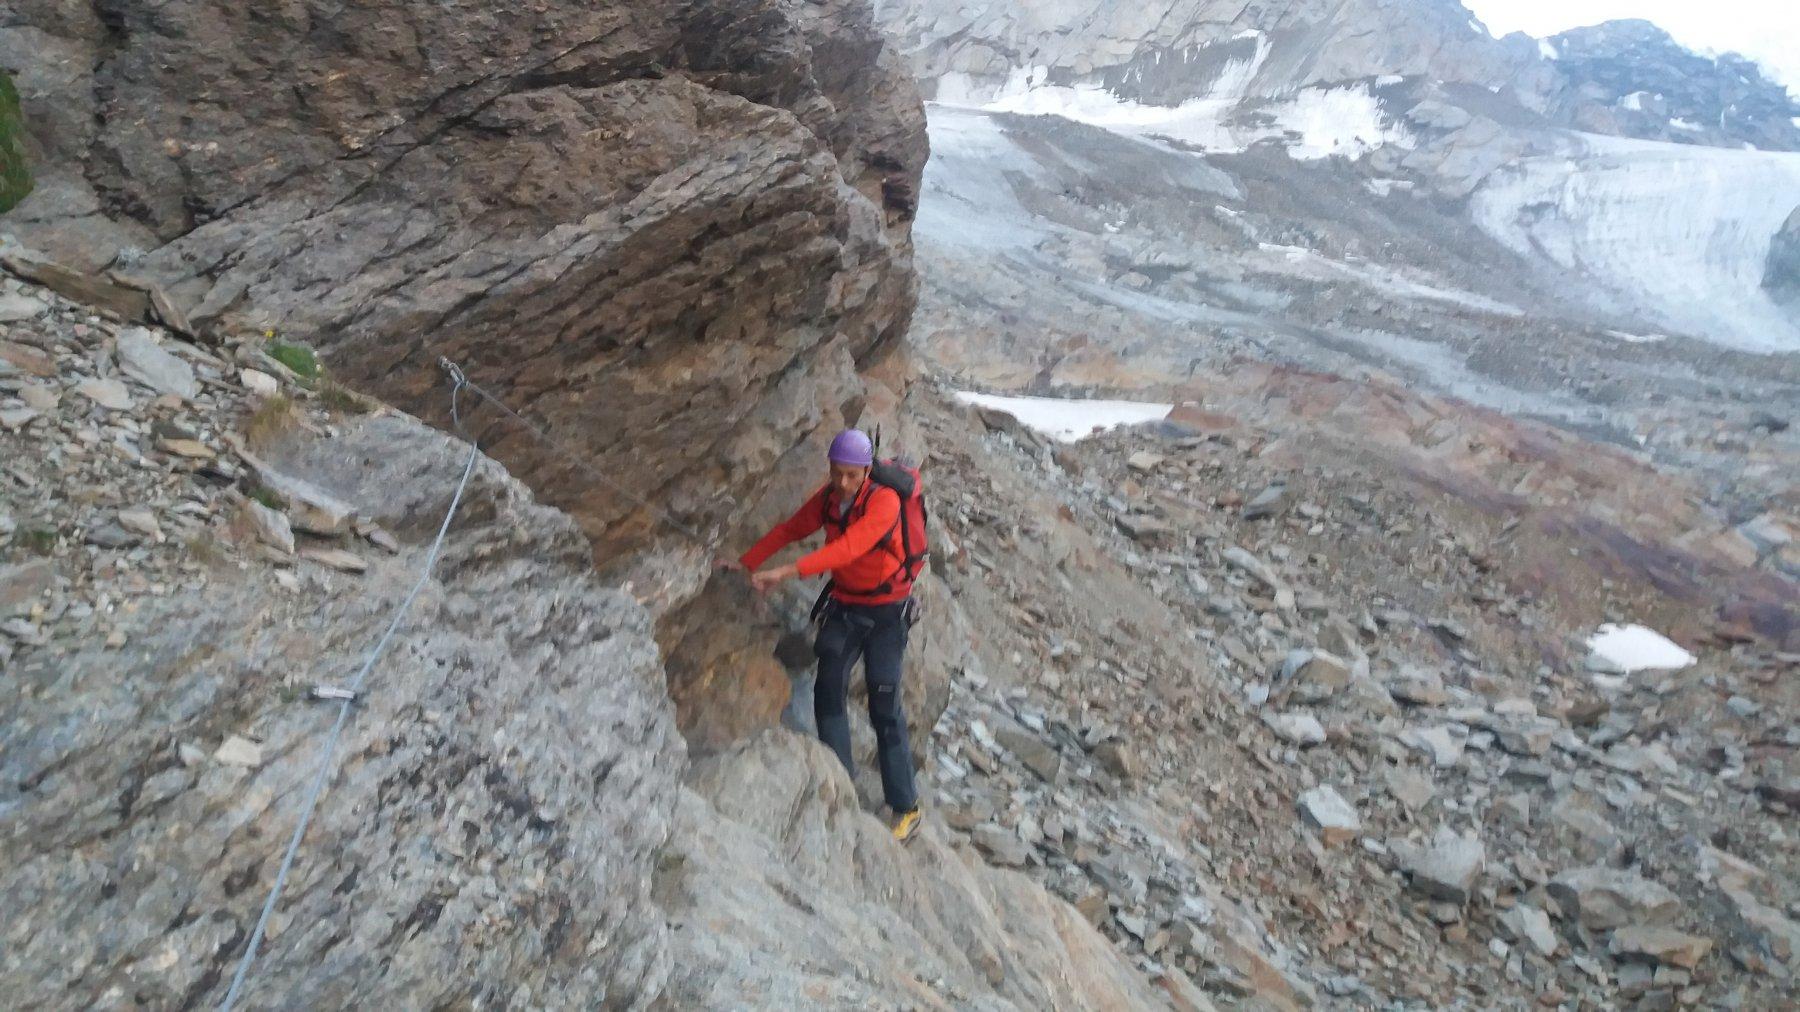 Traverso con cavetto d' acciaio per raggiungere il ghiacciaio